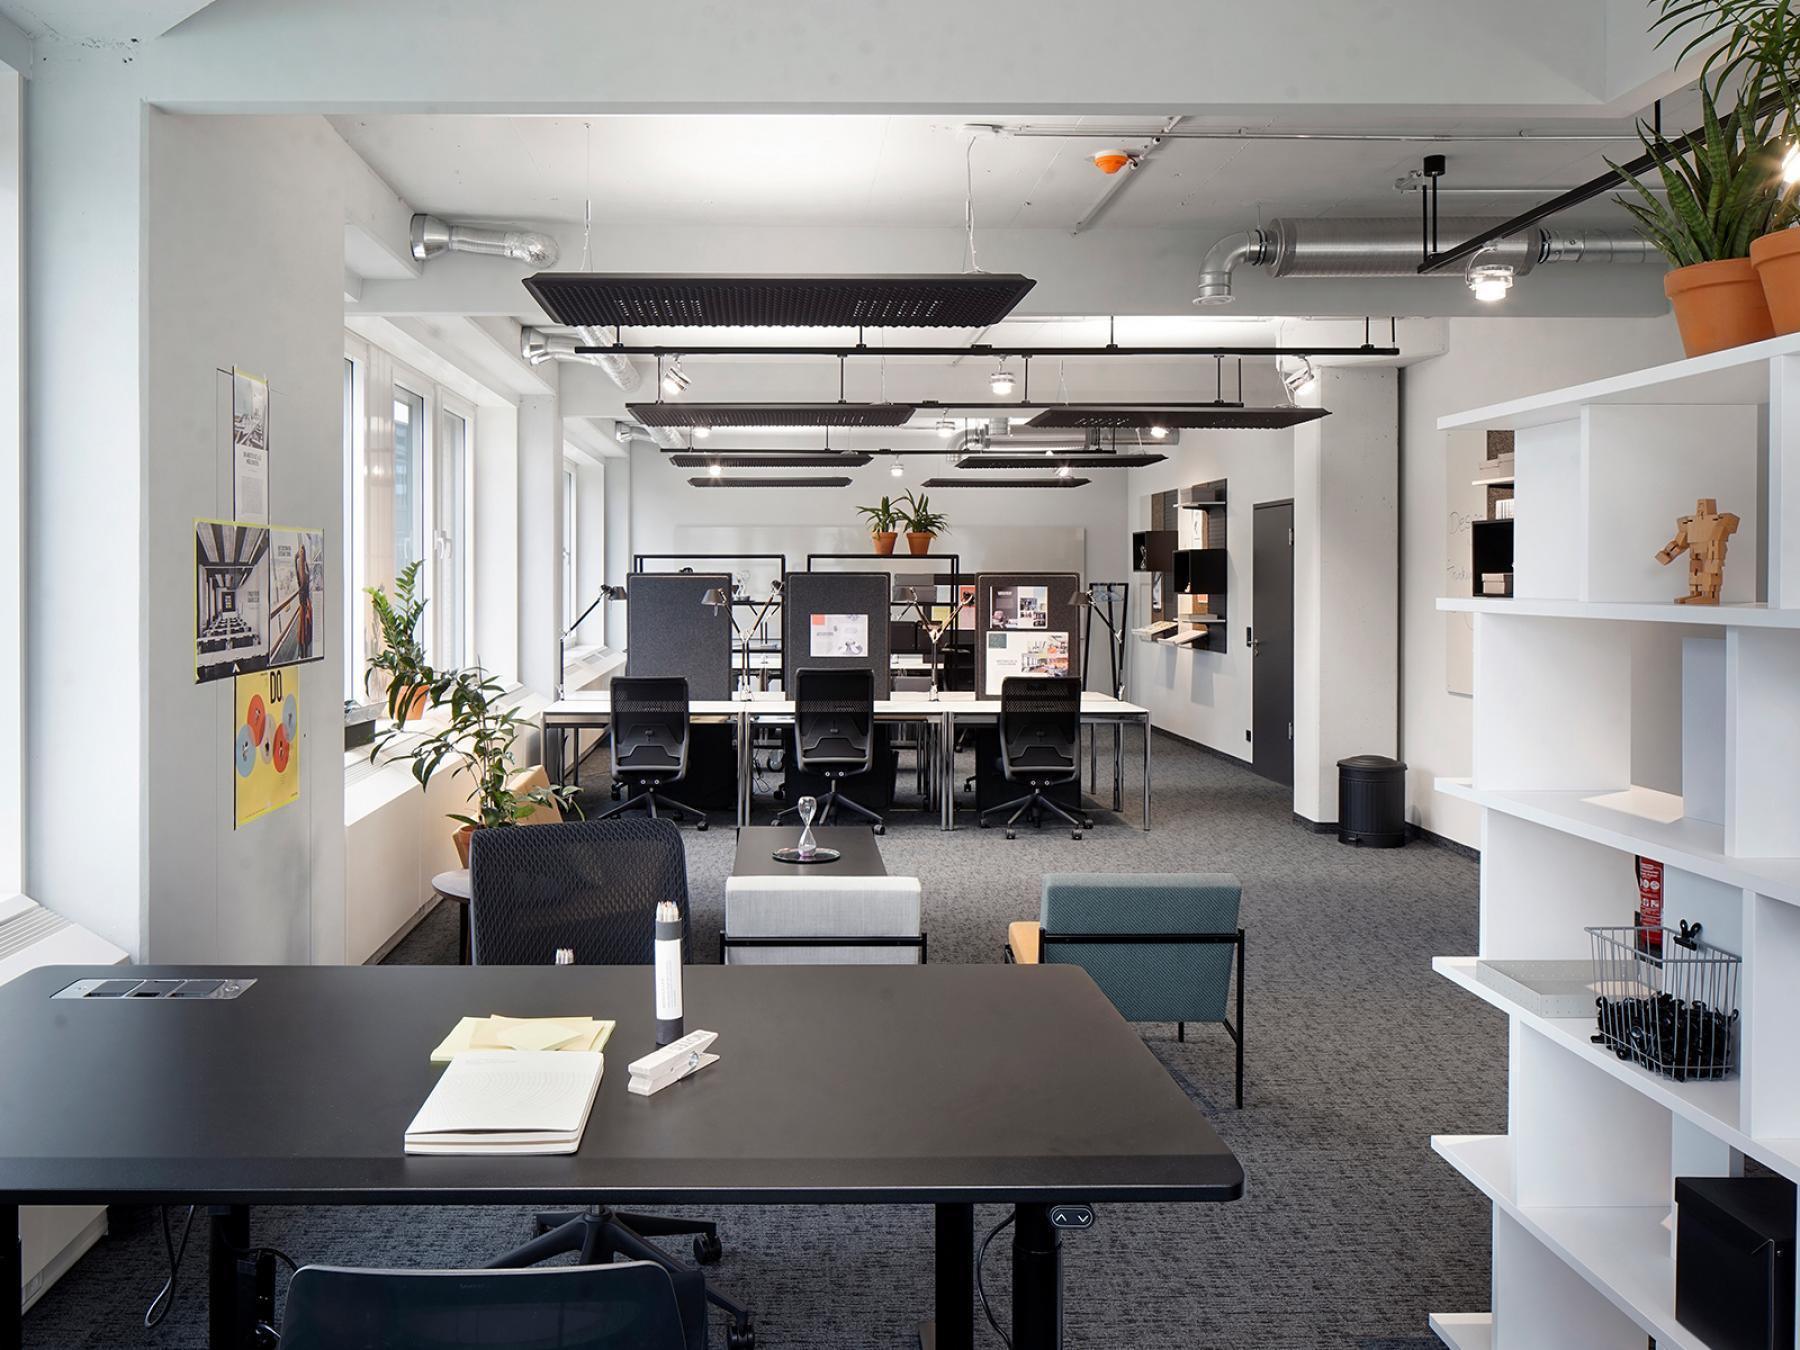 Arbeitsplätze in gemütlichem offenen Büroraum